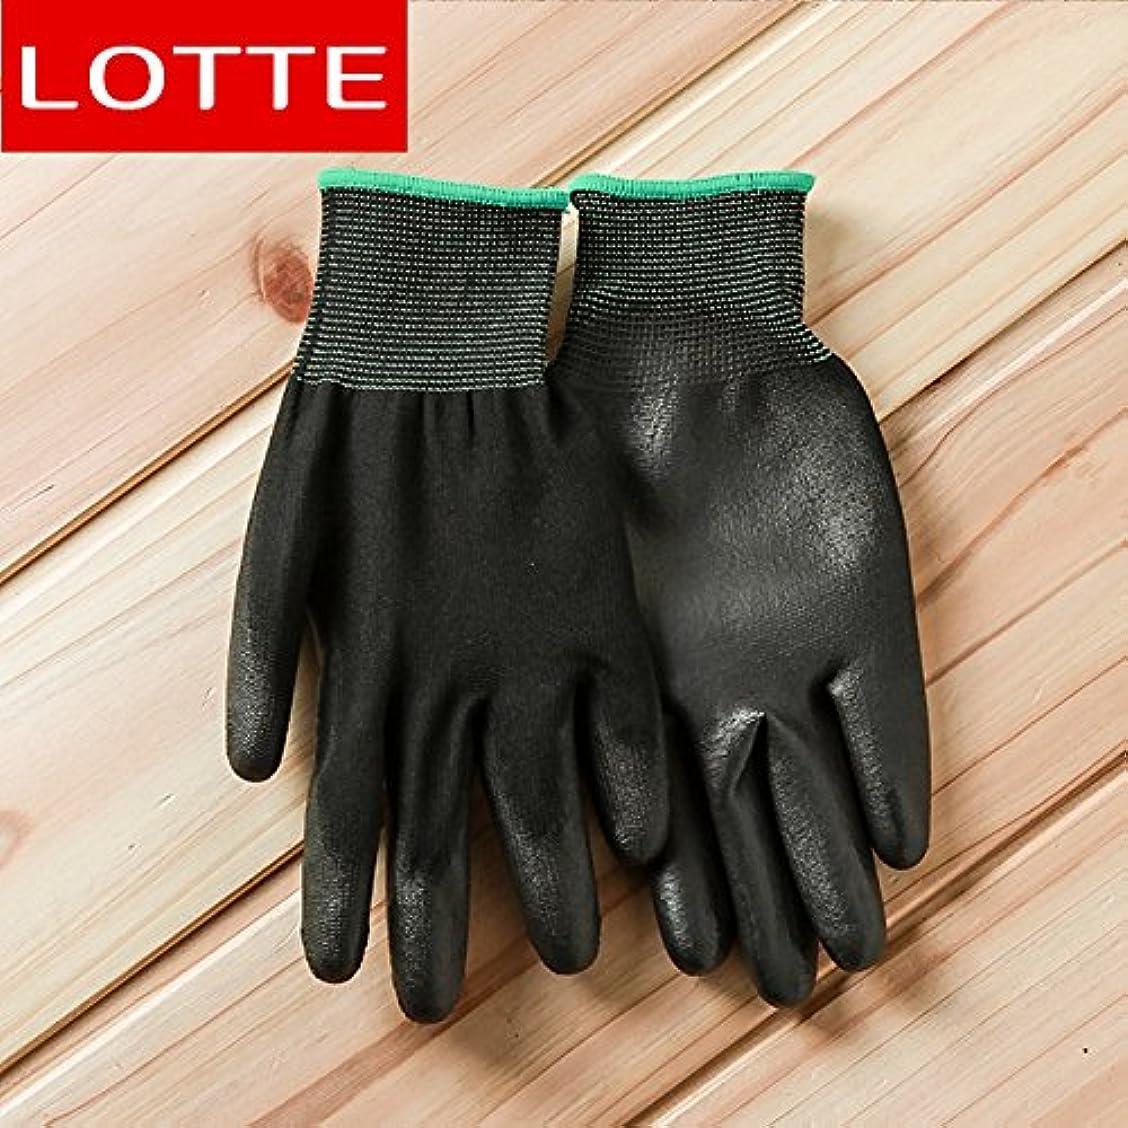 予定の面ではエレメンタルVBMDoM ロッテのPUパームコーティング作業手袋(黒/中型) x 5個 [並行輸入品]